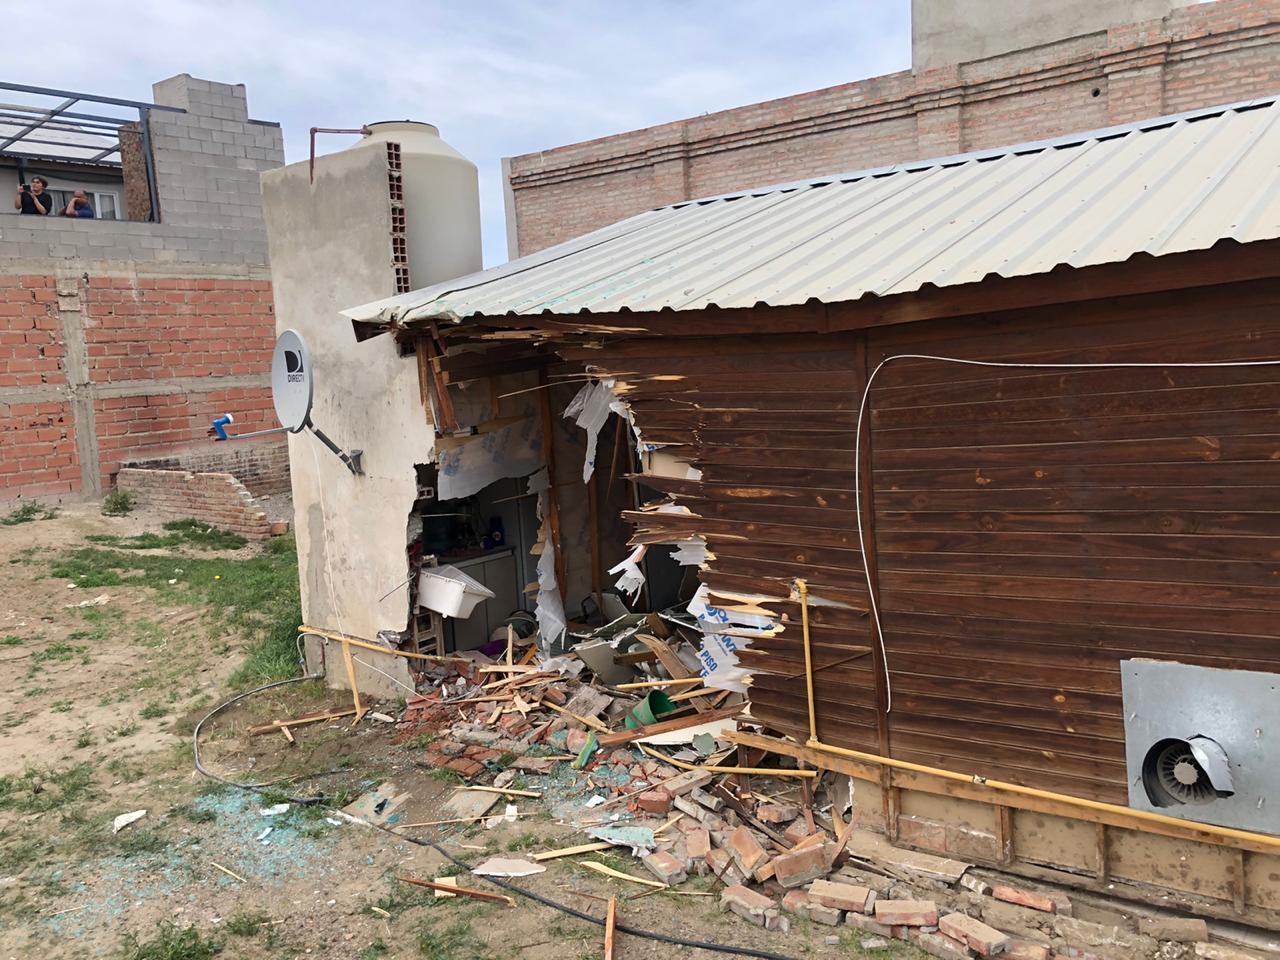 Mira el vídeo en el que una máquina destruye una vivienda en el barrio Vista Hermosa